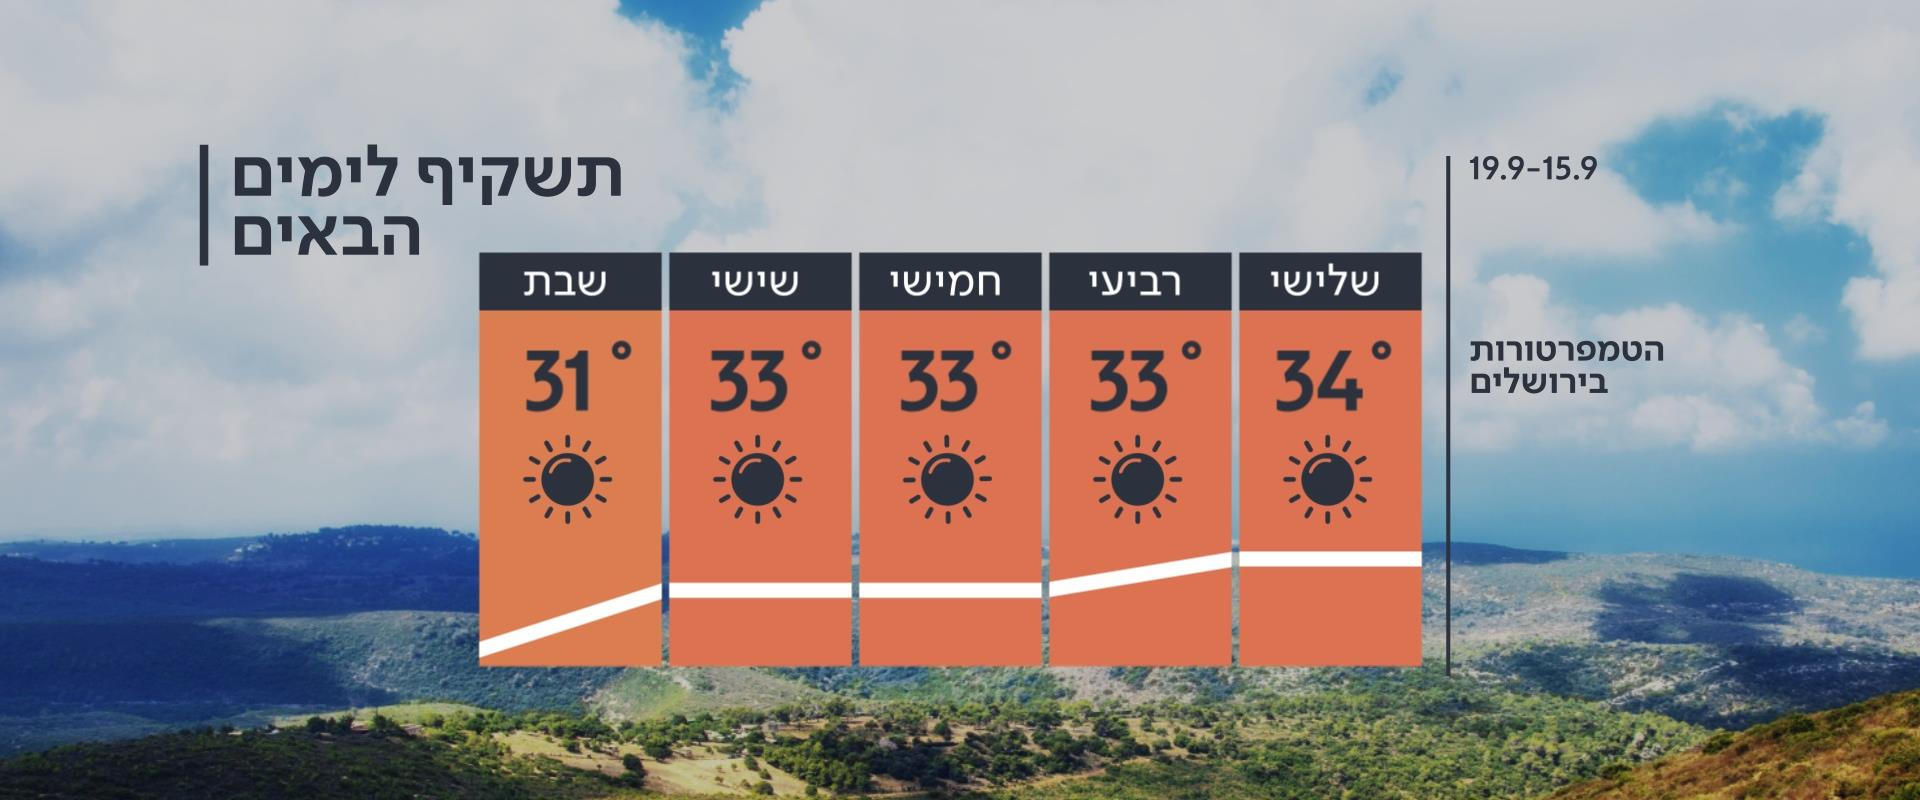 התחזית: עלייה קלה בטמפרטורות